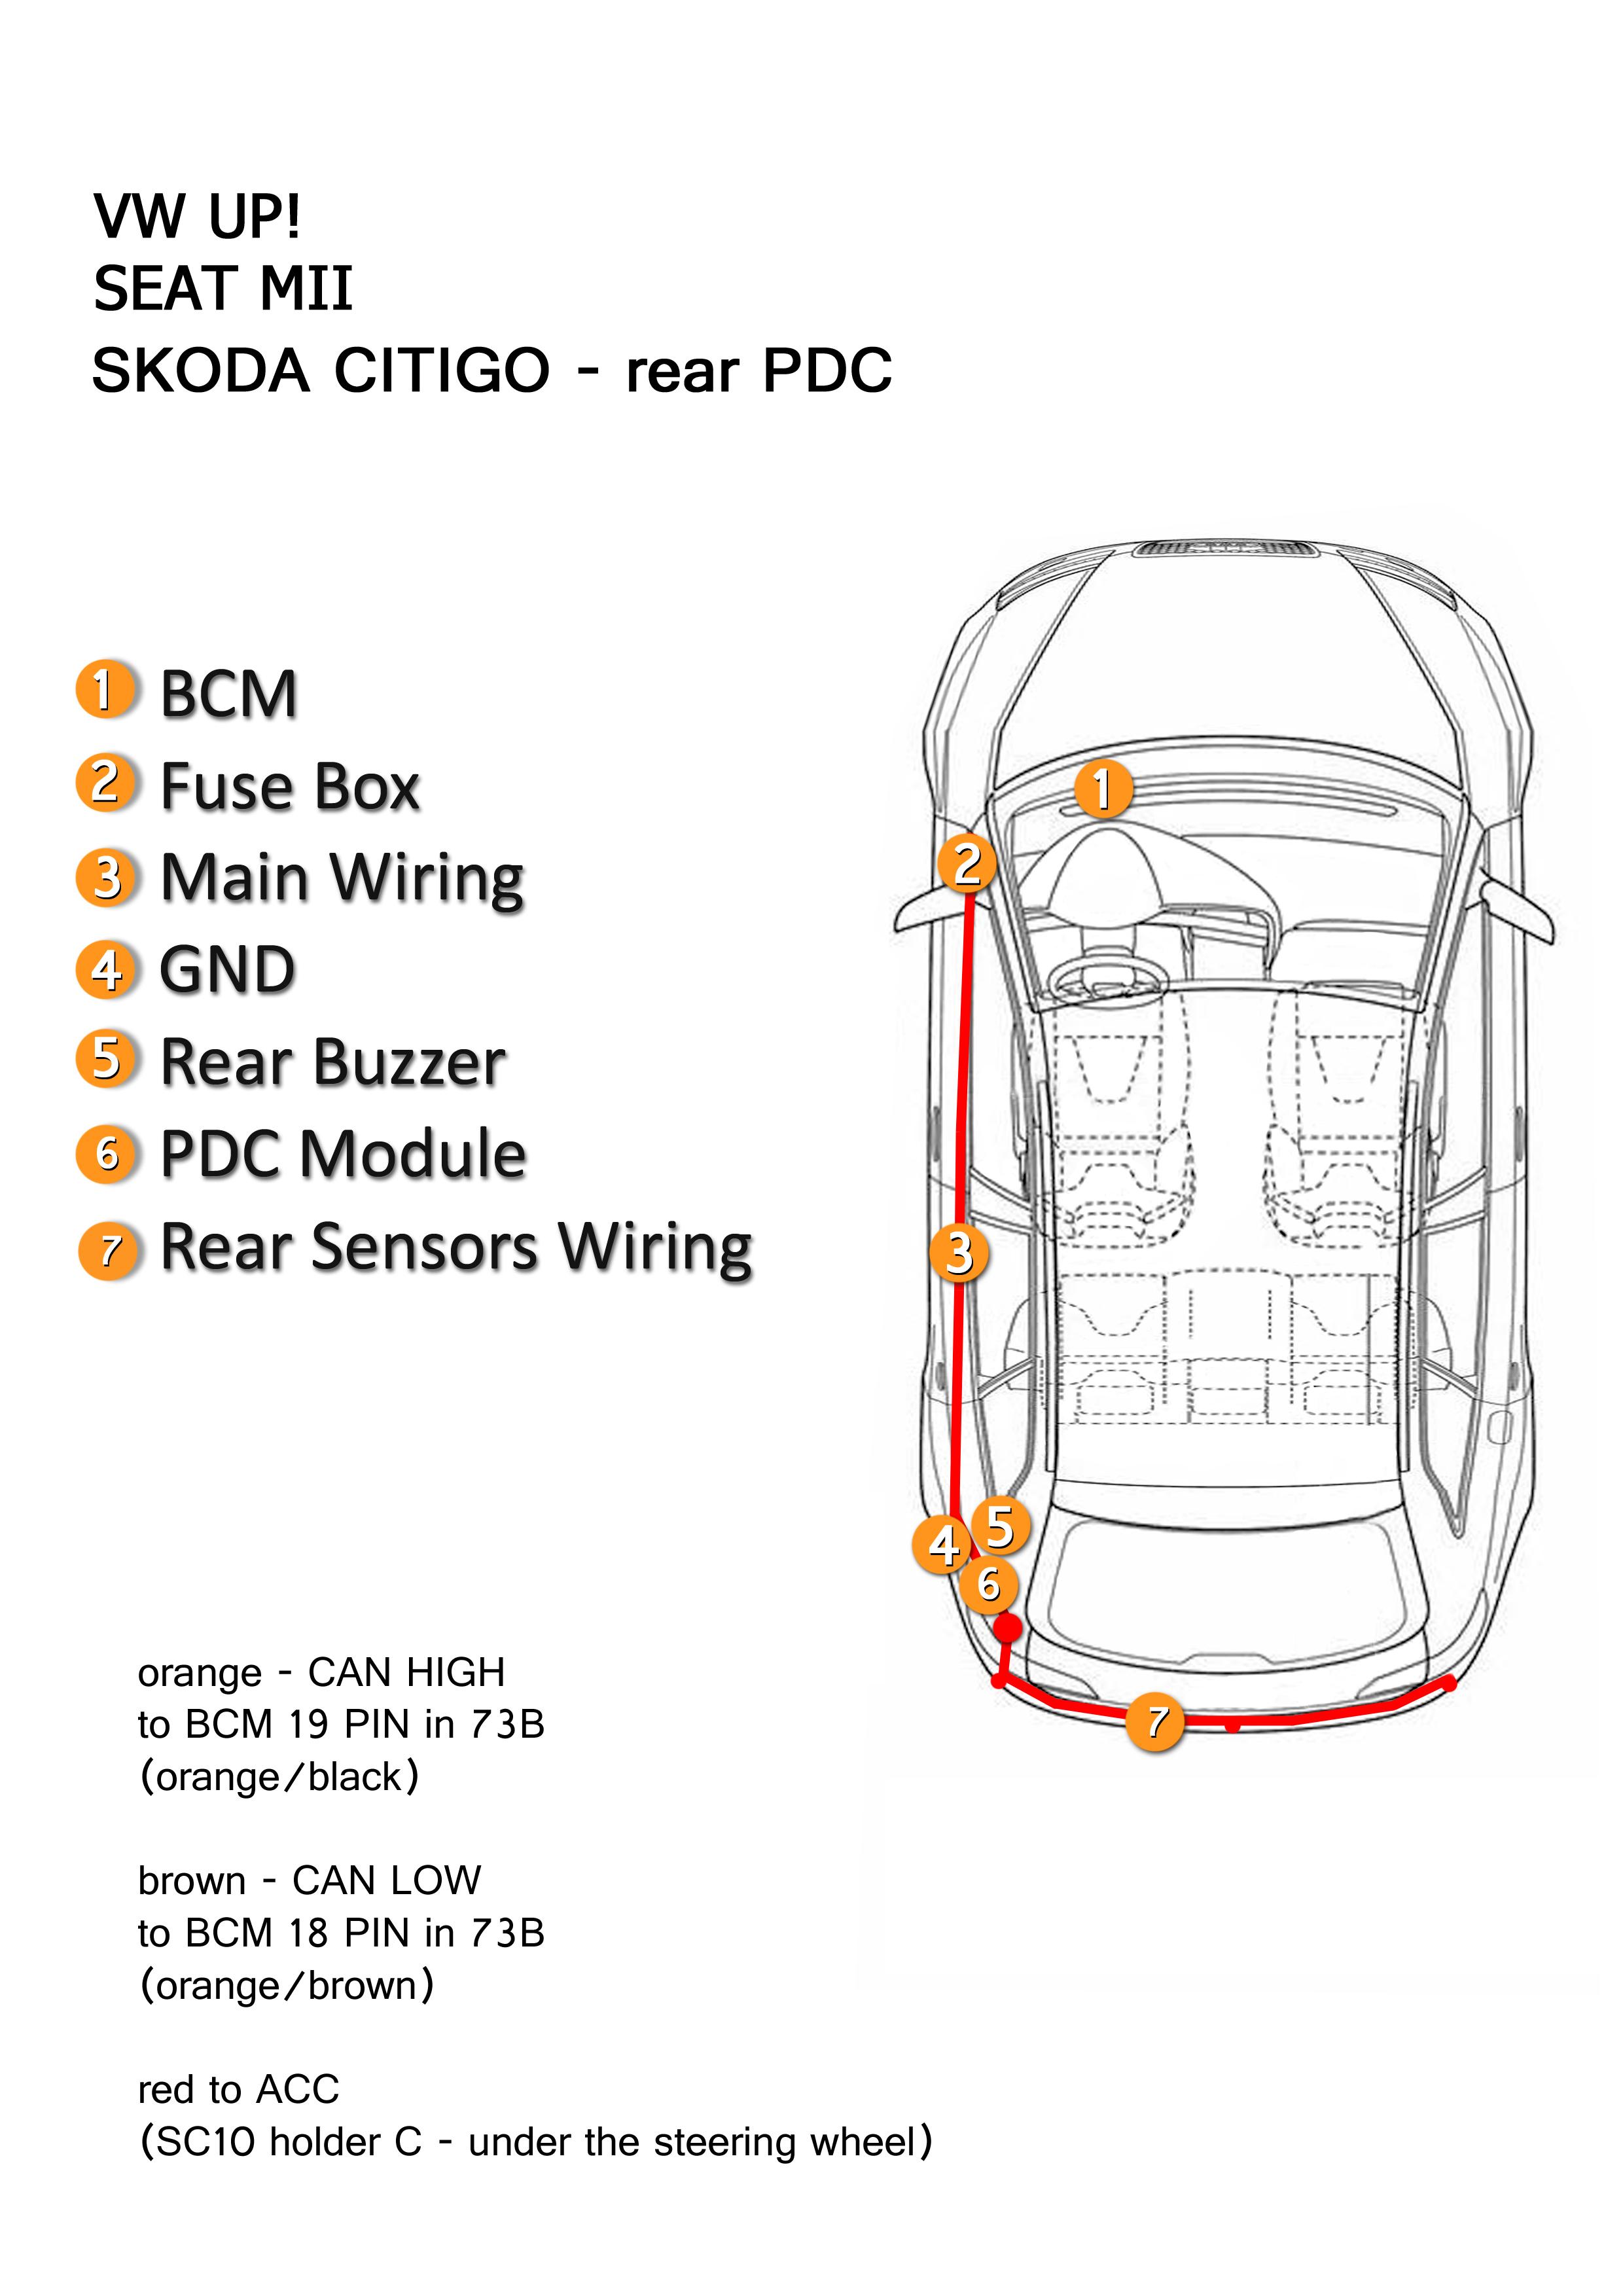 Vw Up Fuse Box Electrical Wiring Diagrams Karmann Ghia Pdc Seat Mii Skoda Citigo